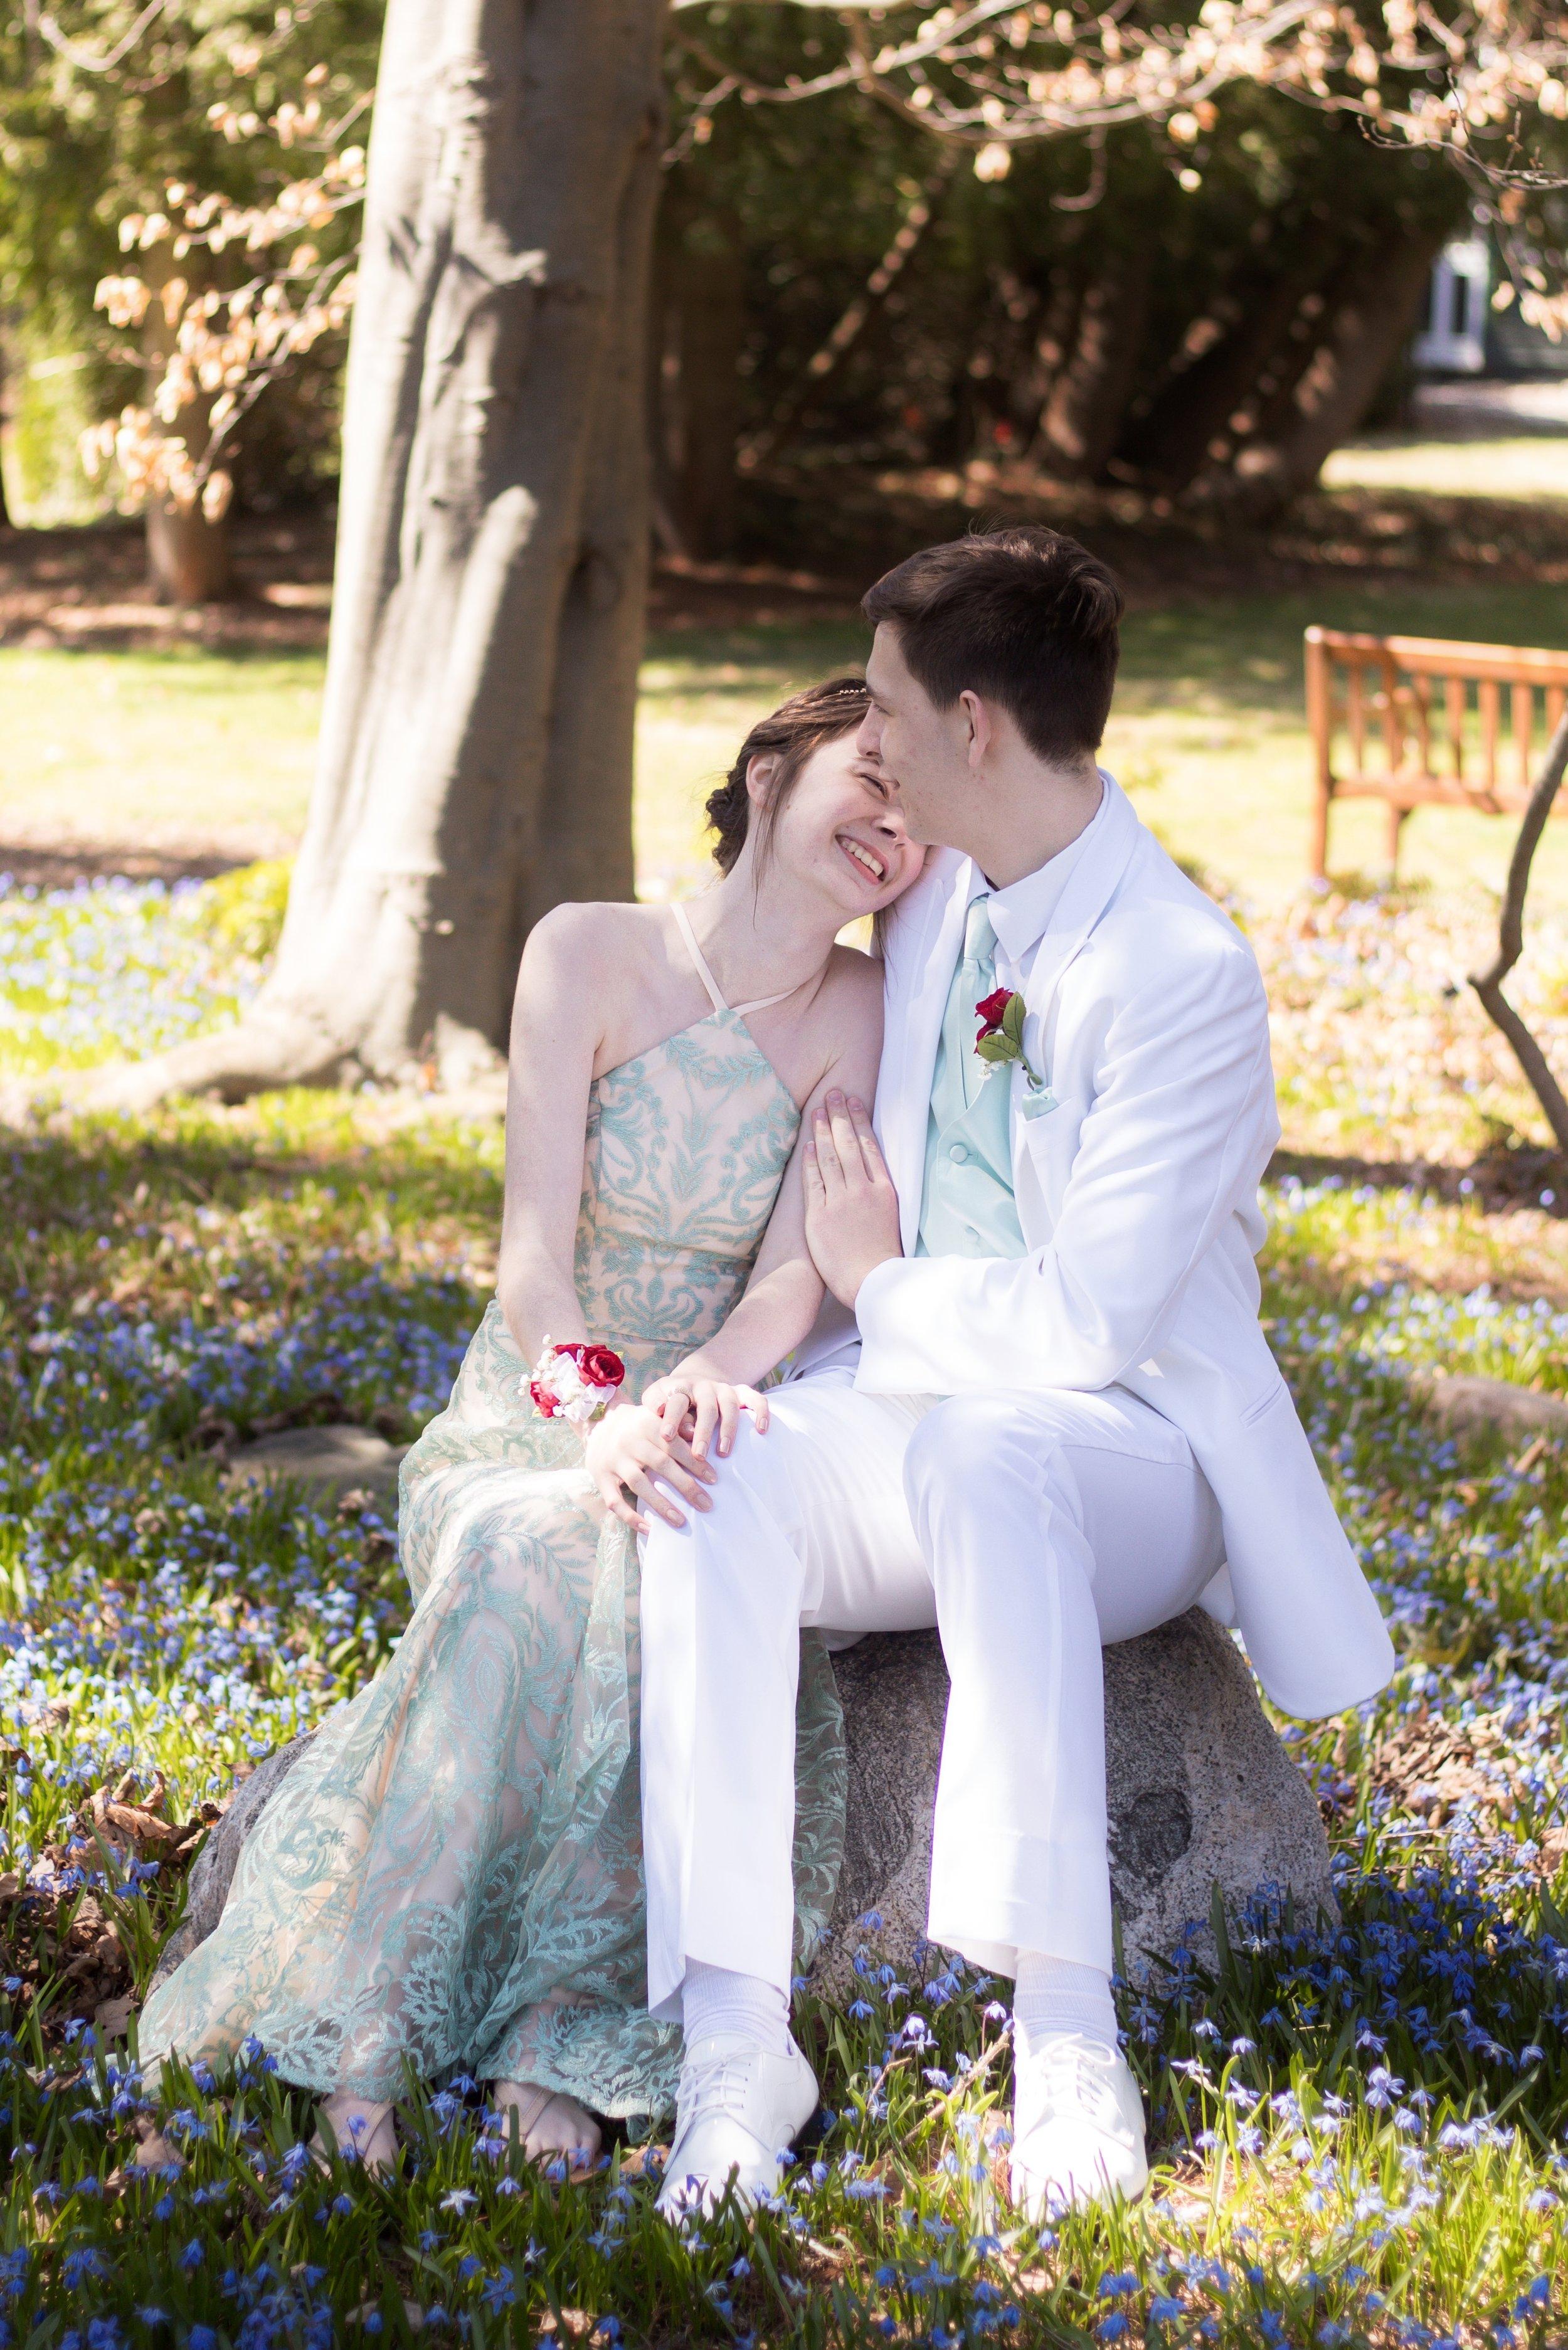 Prom Thomas and Em Thomas (39).jpg